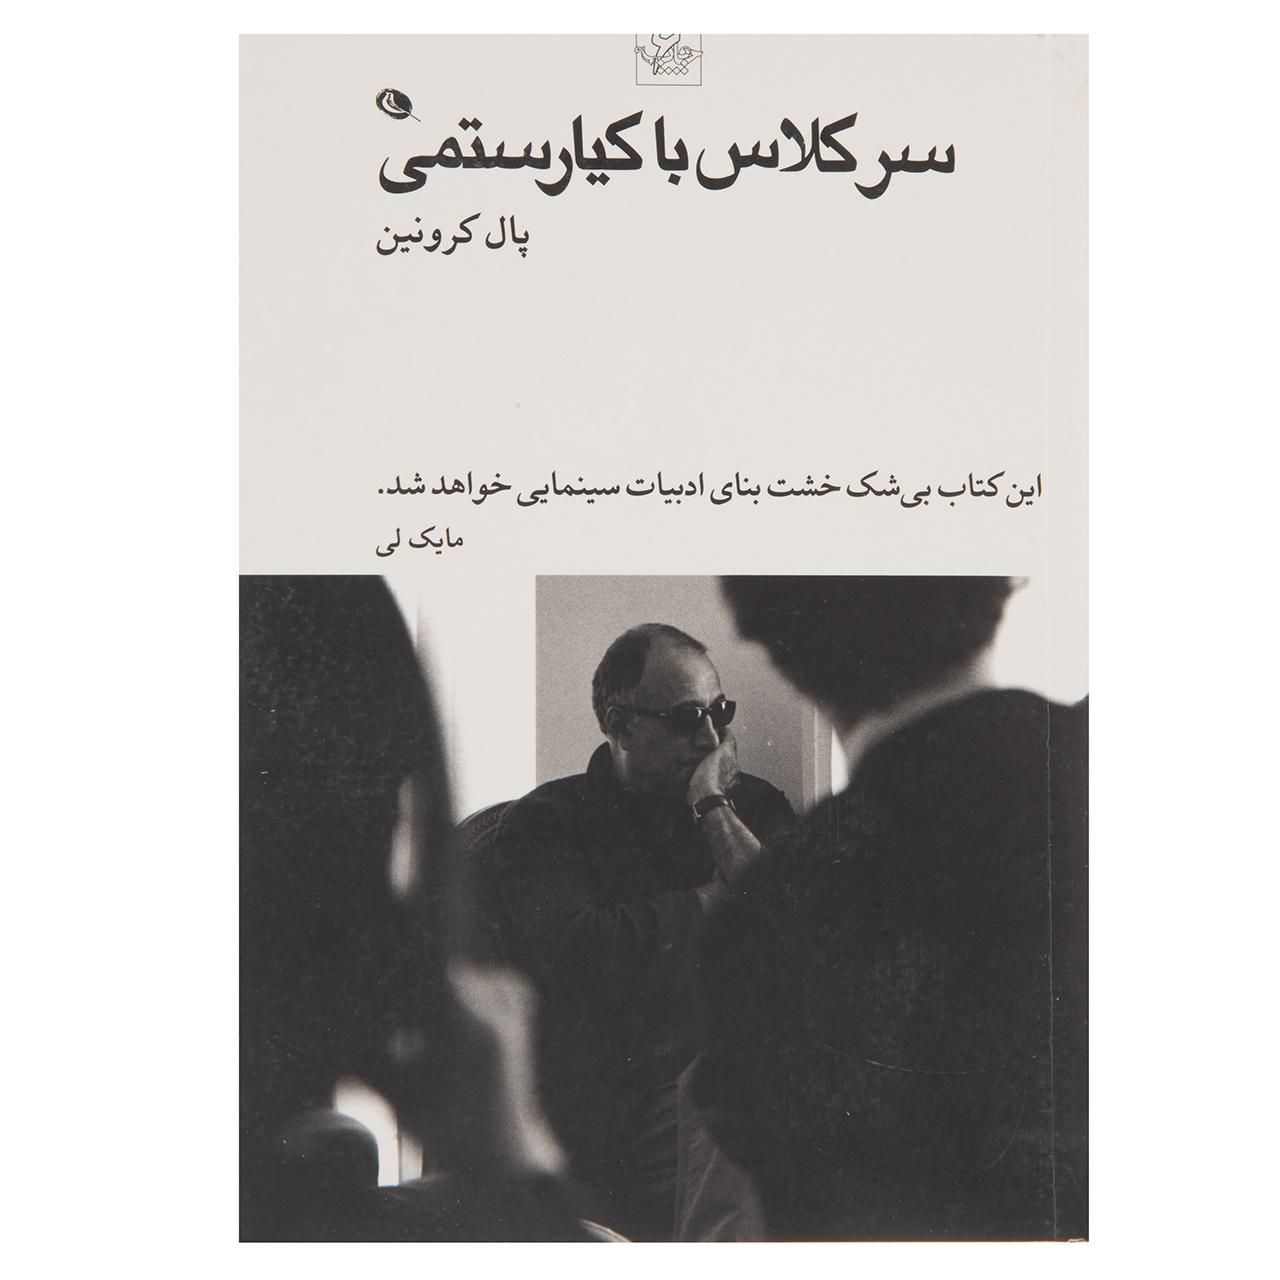 خرید                      کتاب سر کلاس با کیارستمی اثر پال کرونین